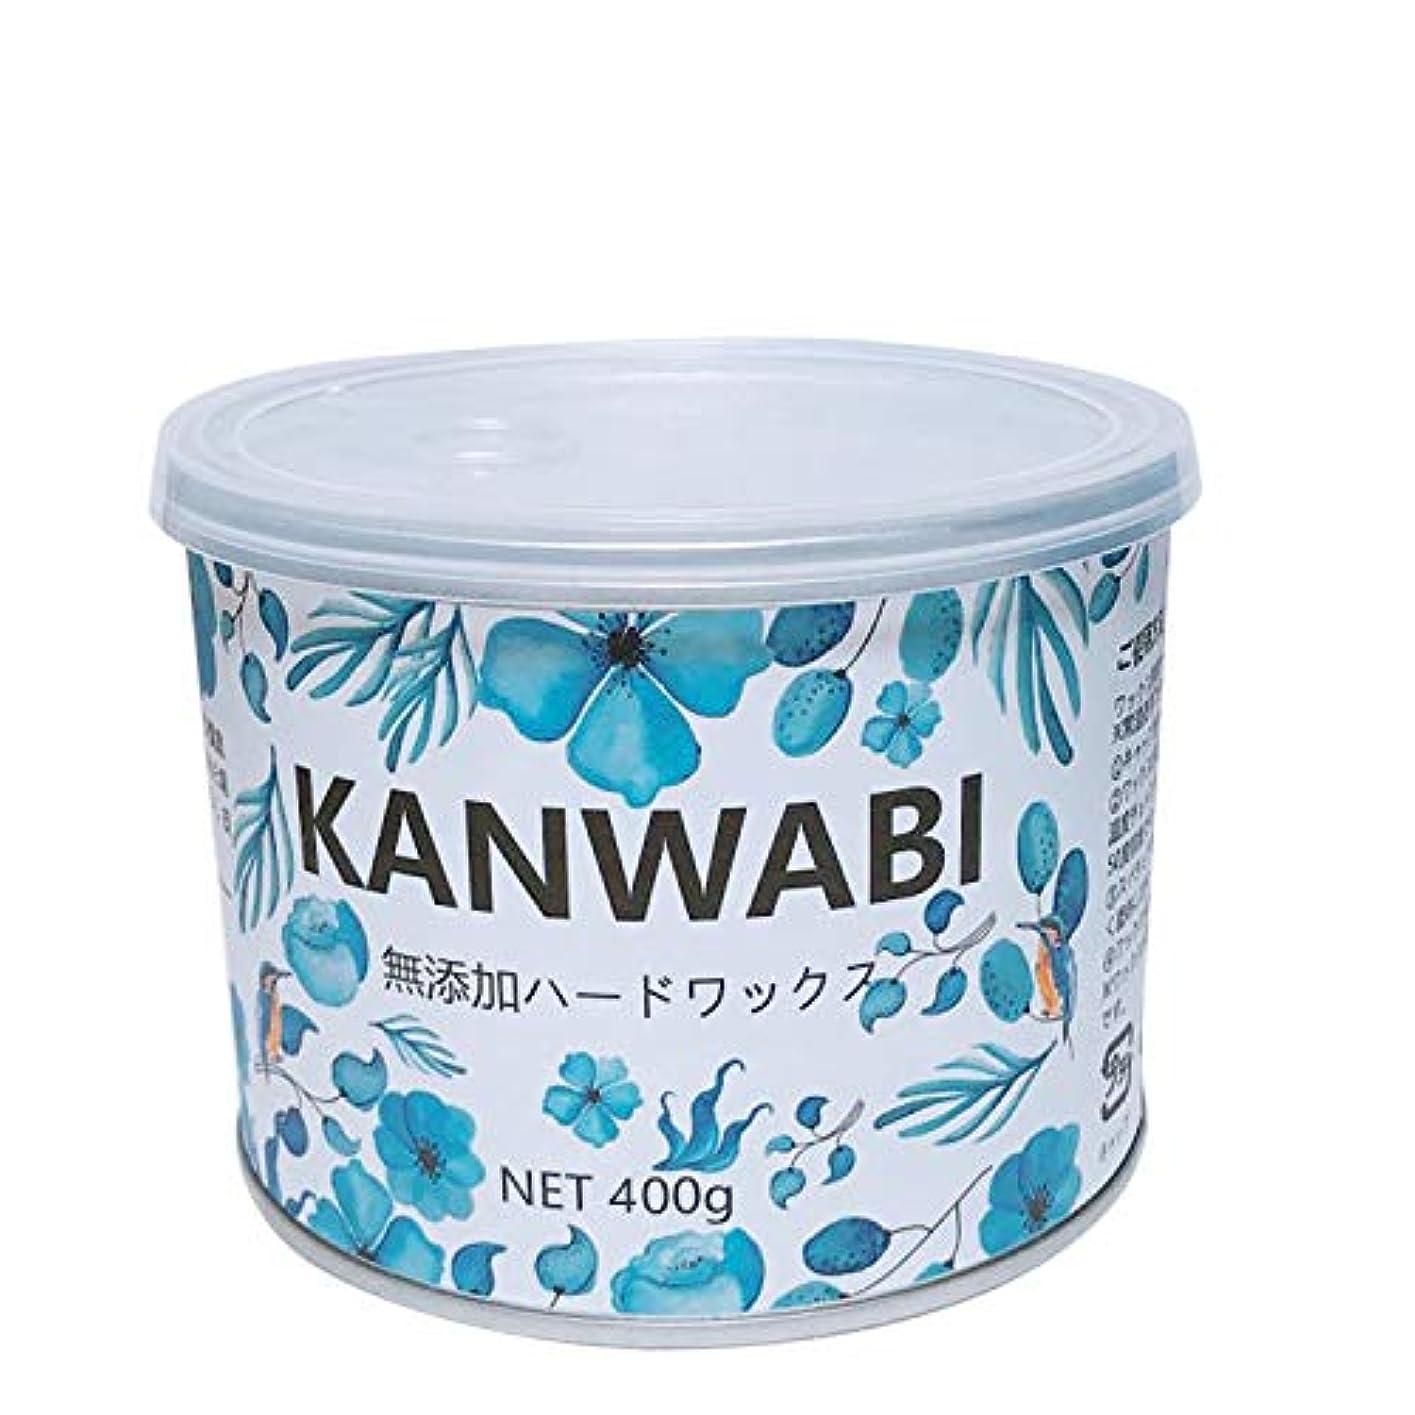 作ります社会学芸術的KANWABI 日本製脱毛ワックス ハードワックス400g